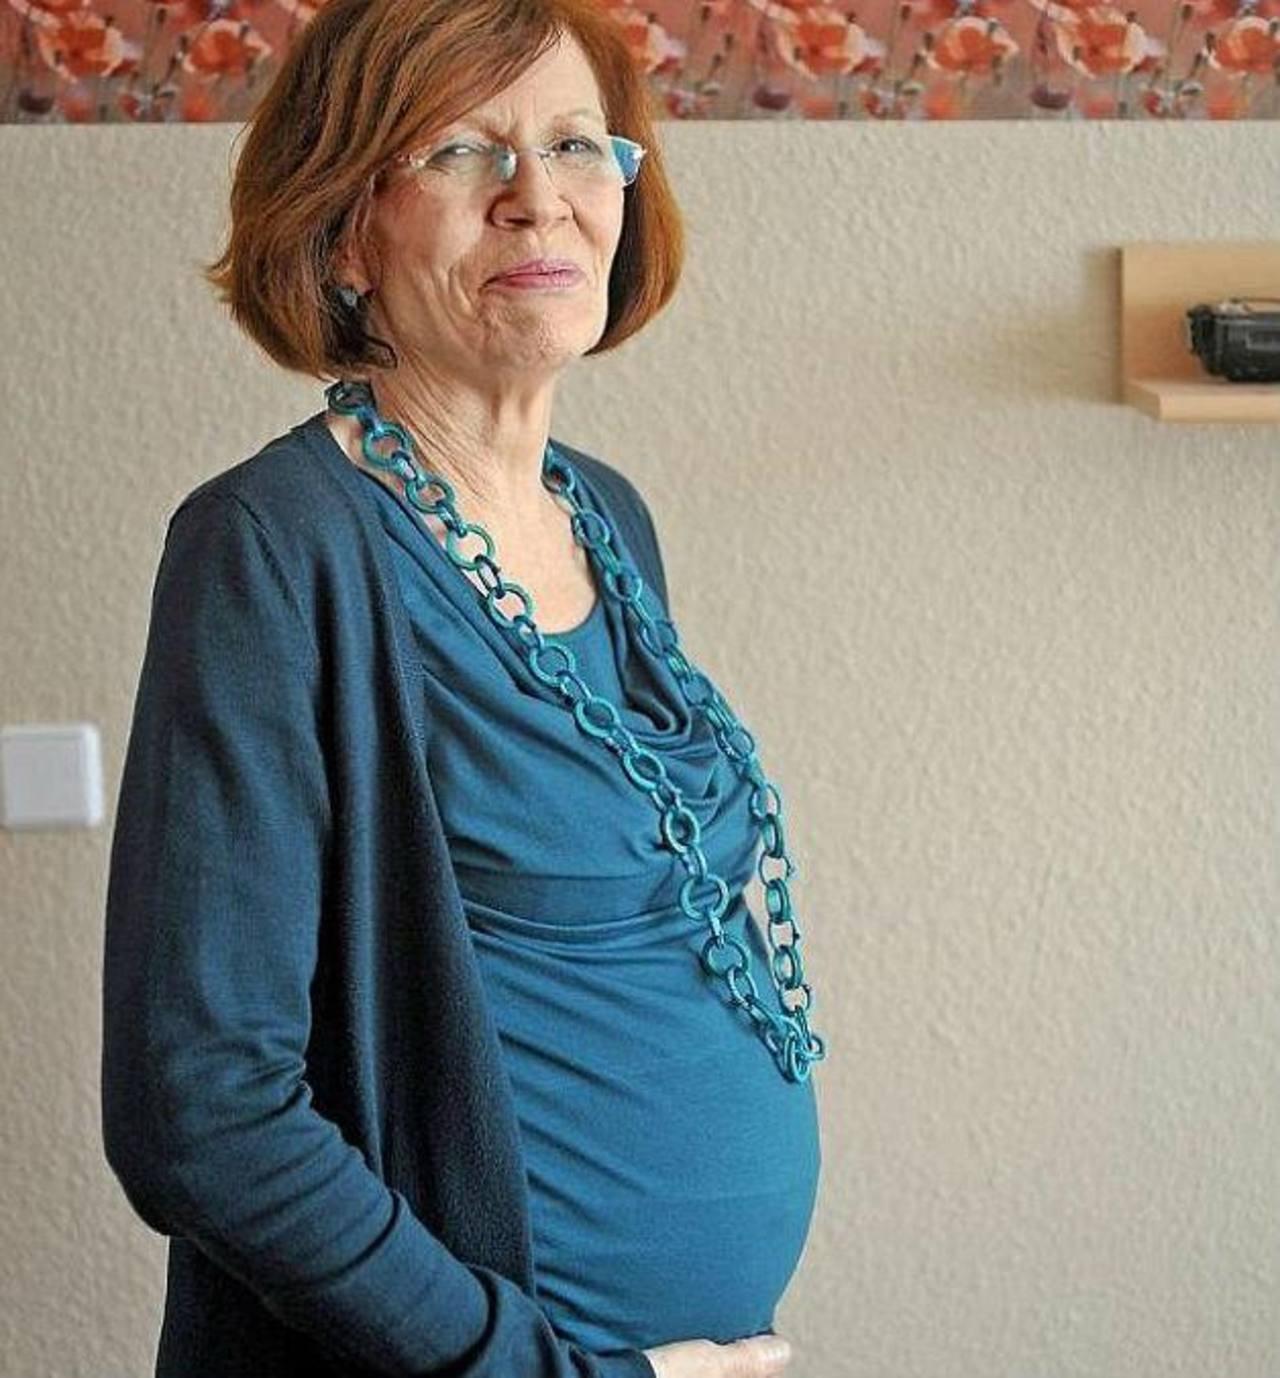 Annegret Roenigk, abuela de 65 años embarazada de cuatrillizos en Alemania